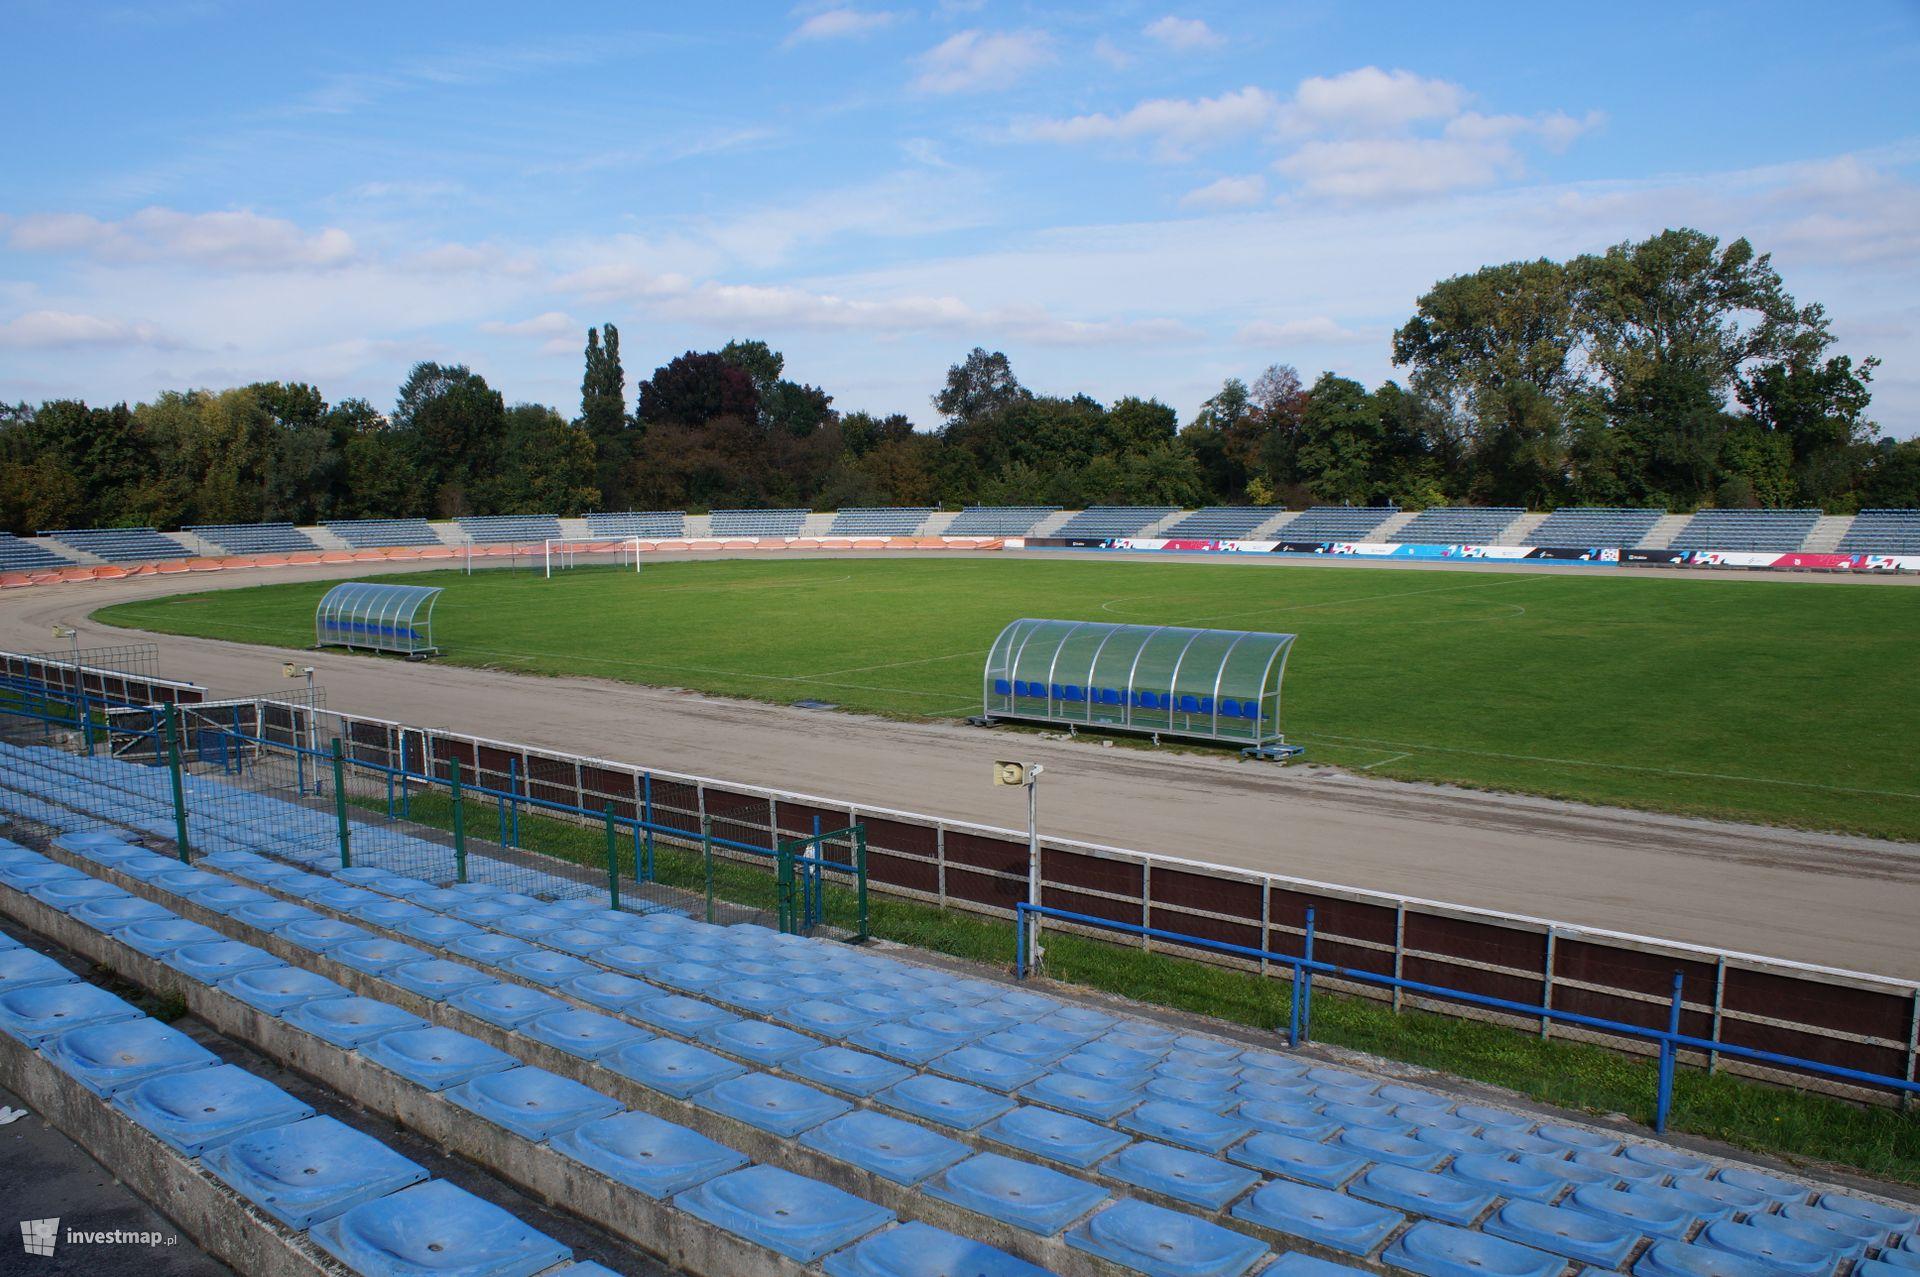 Stadion Żużlowy Wanda